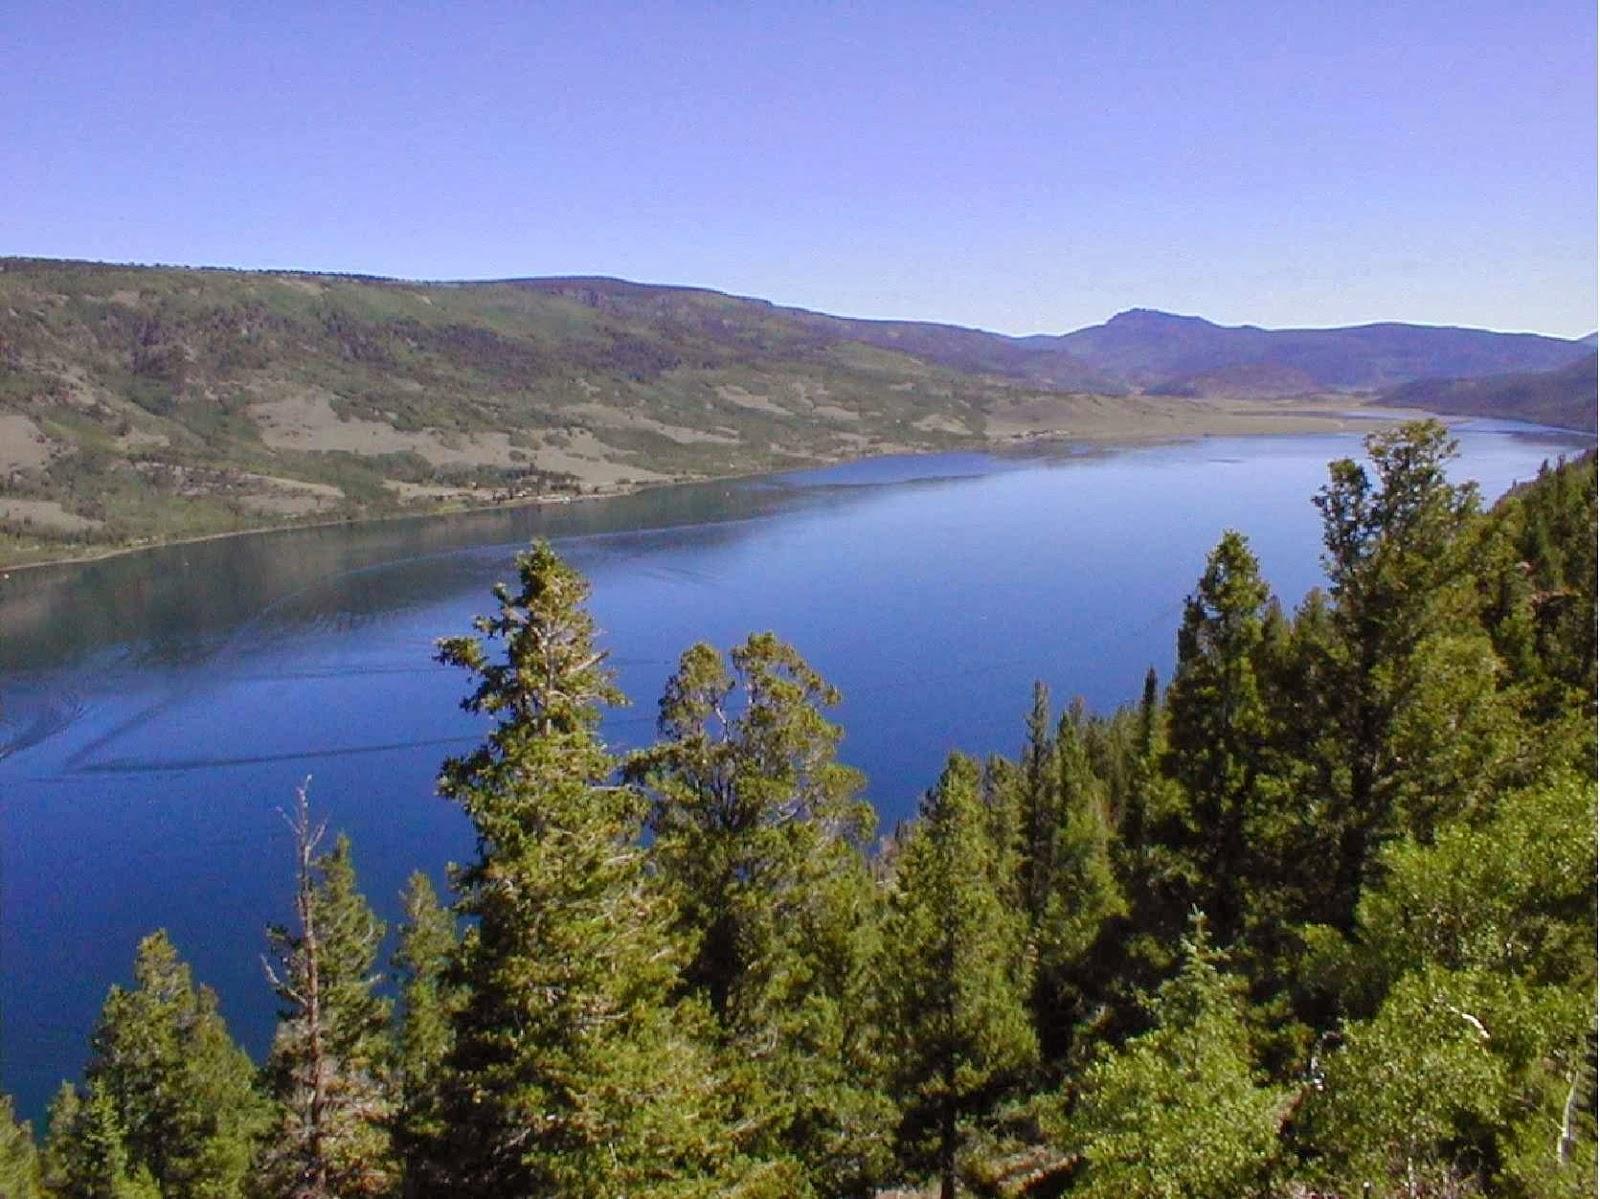 Southern utah hunt and fish bowery haven resort fish for Fish lake utah